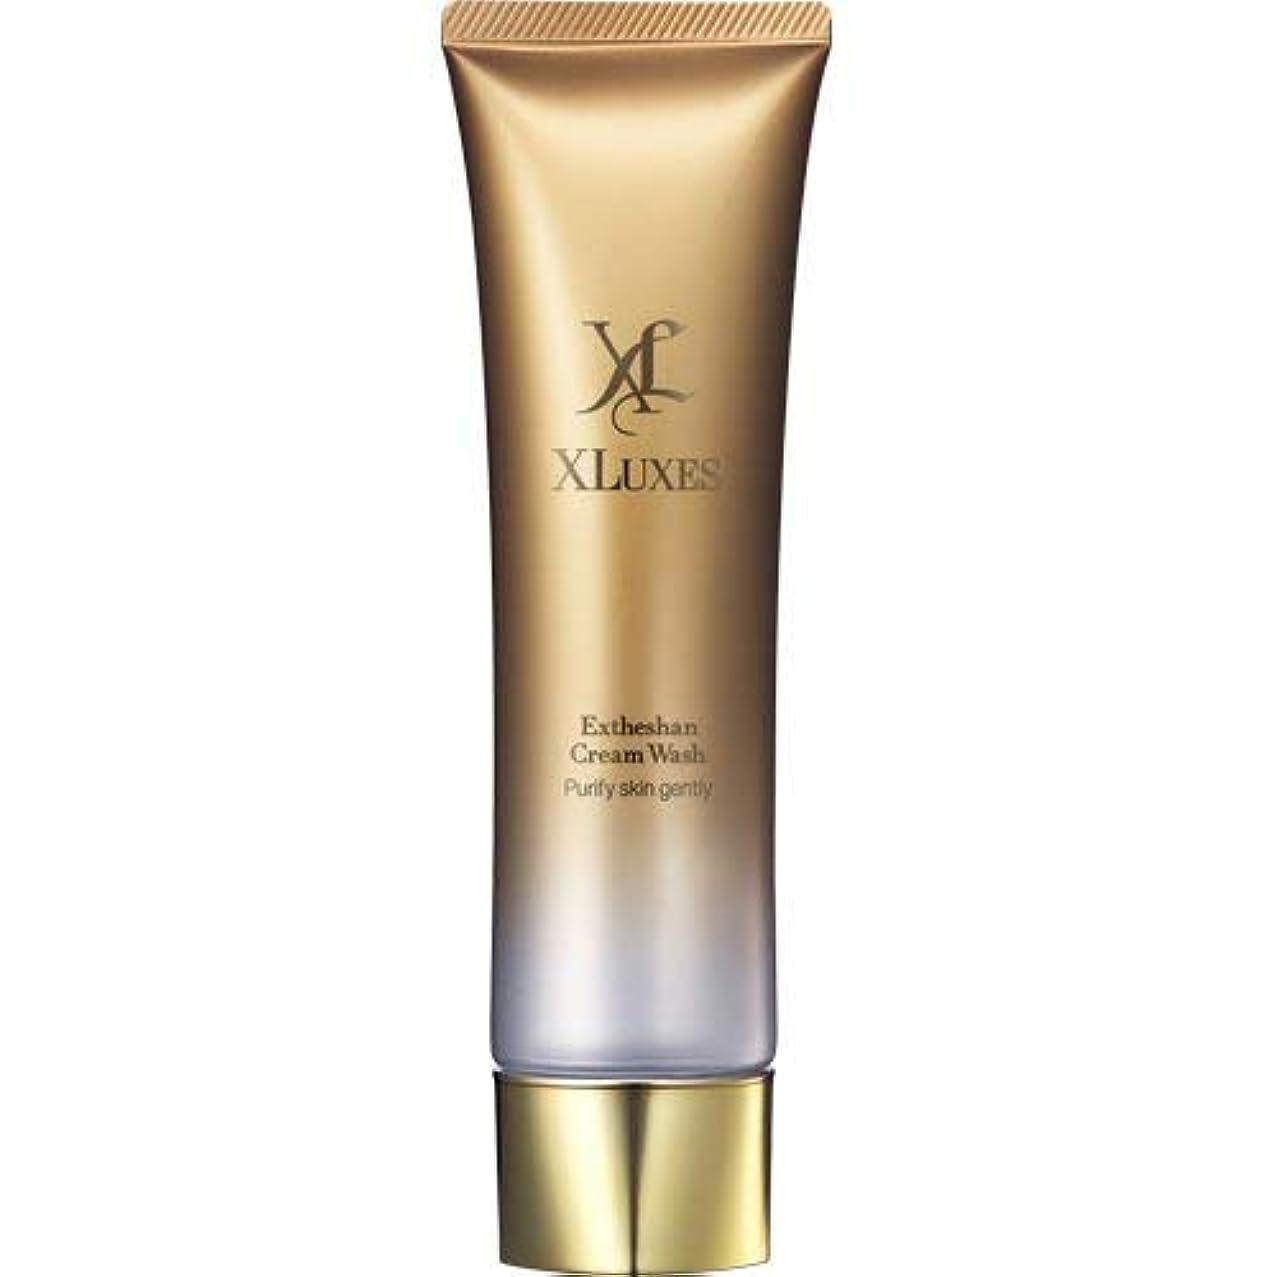 クリック褒賞罰XLUXES 美容液洗顔 [ヒト幹細胞 培養液配合] エグゼティシャン クリームウォッシュ (ダマスクローズの香り)